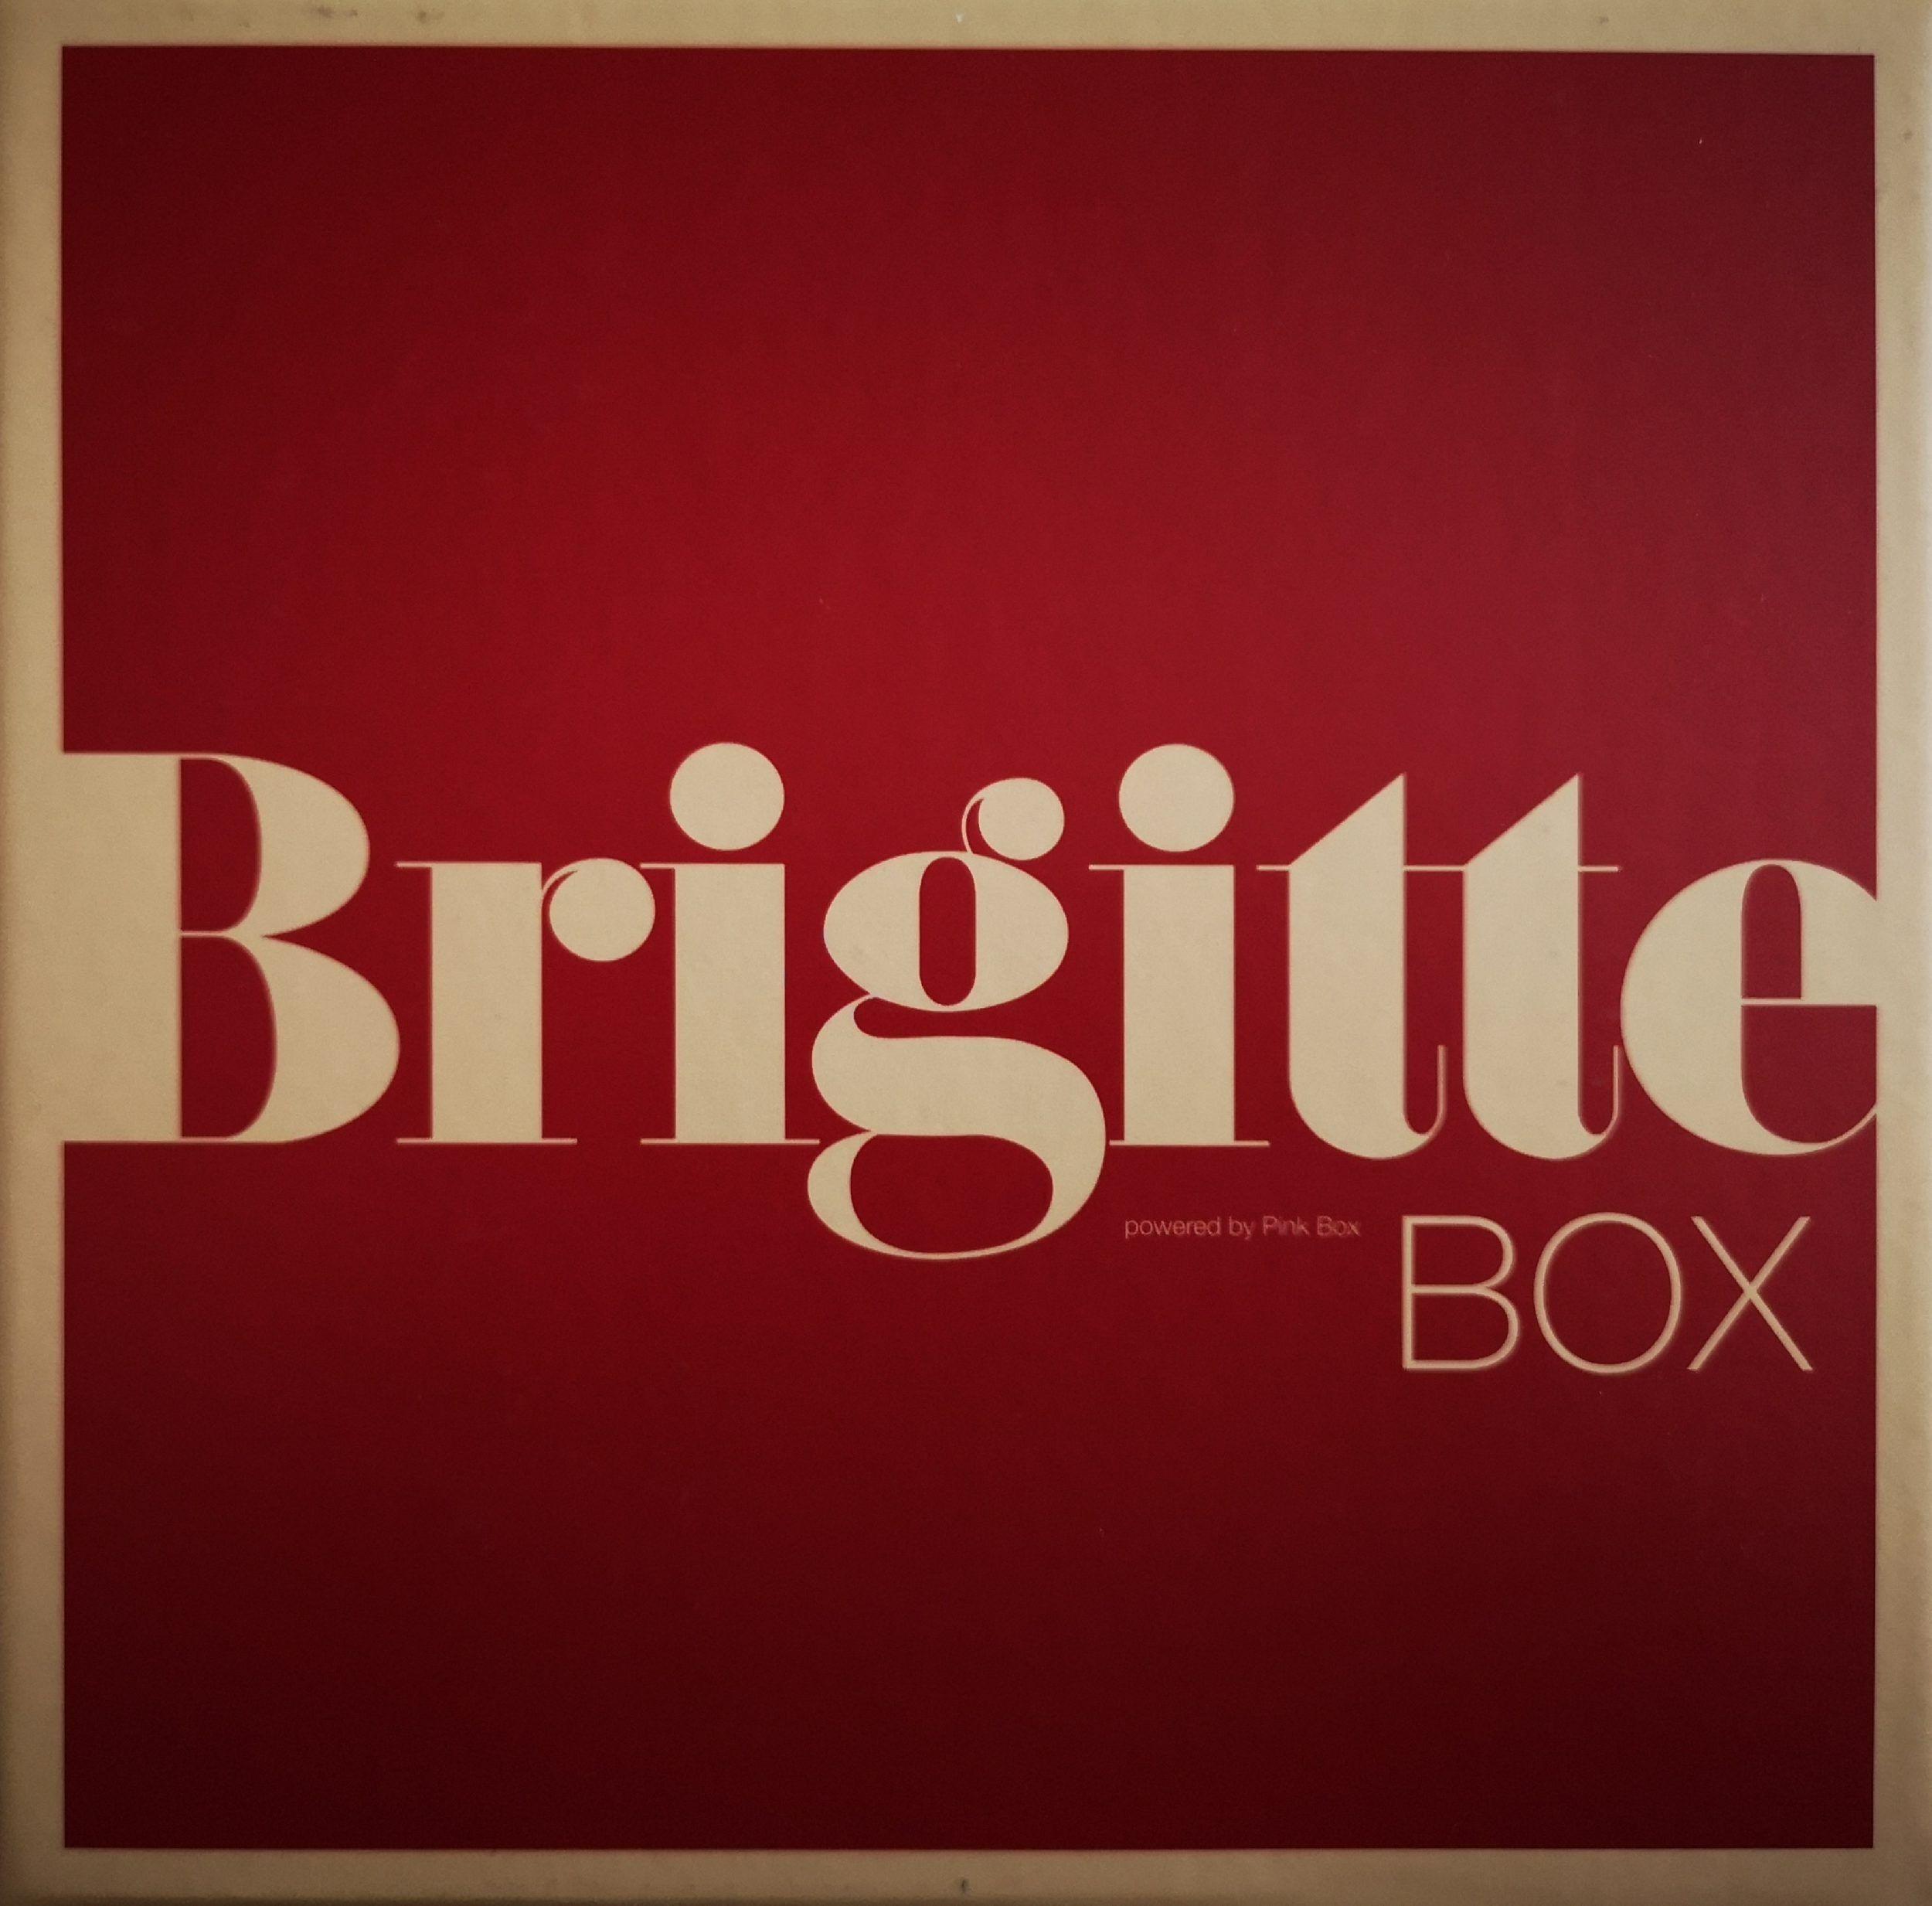 BrigitteBox 10 € Gutschein